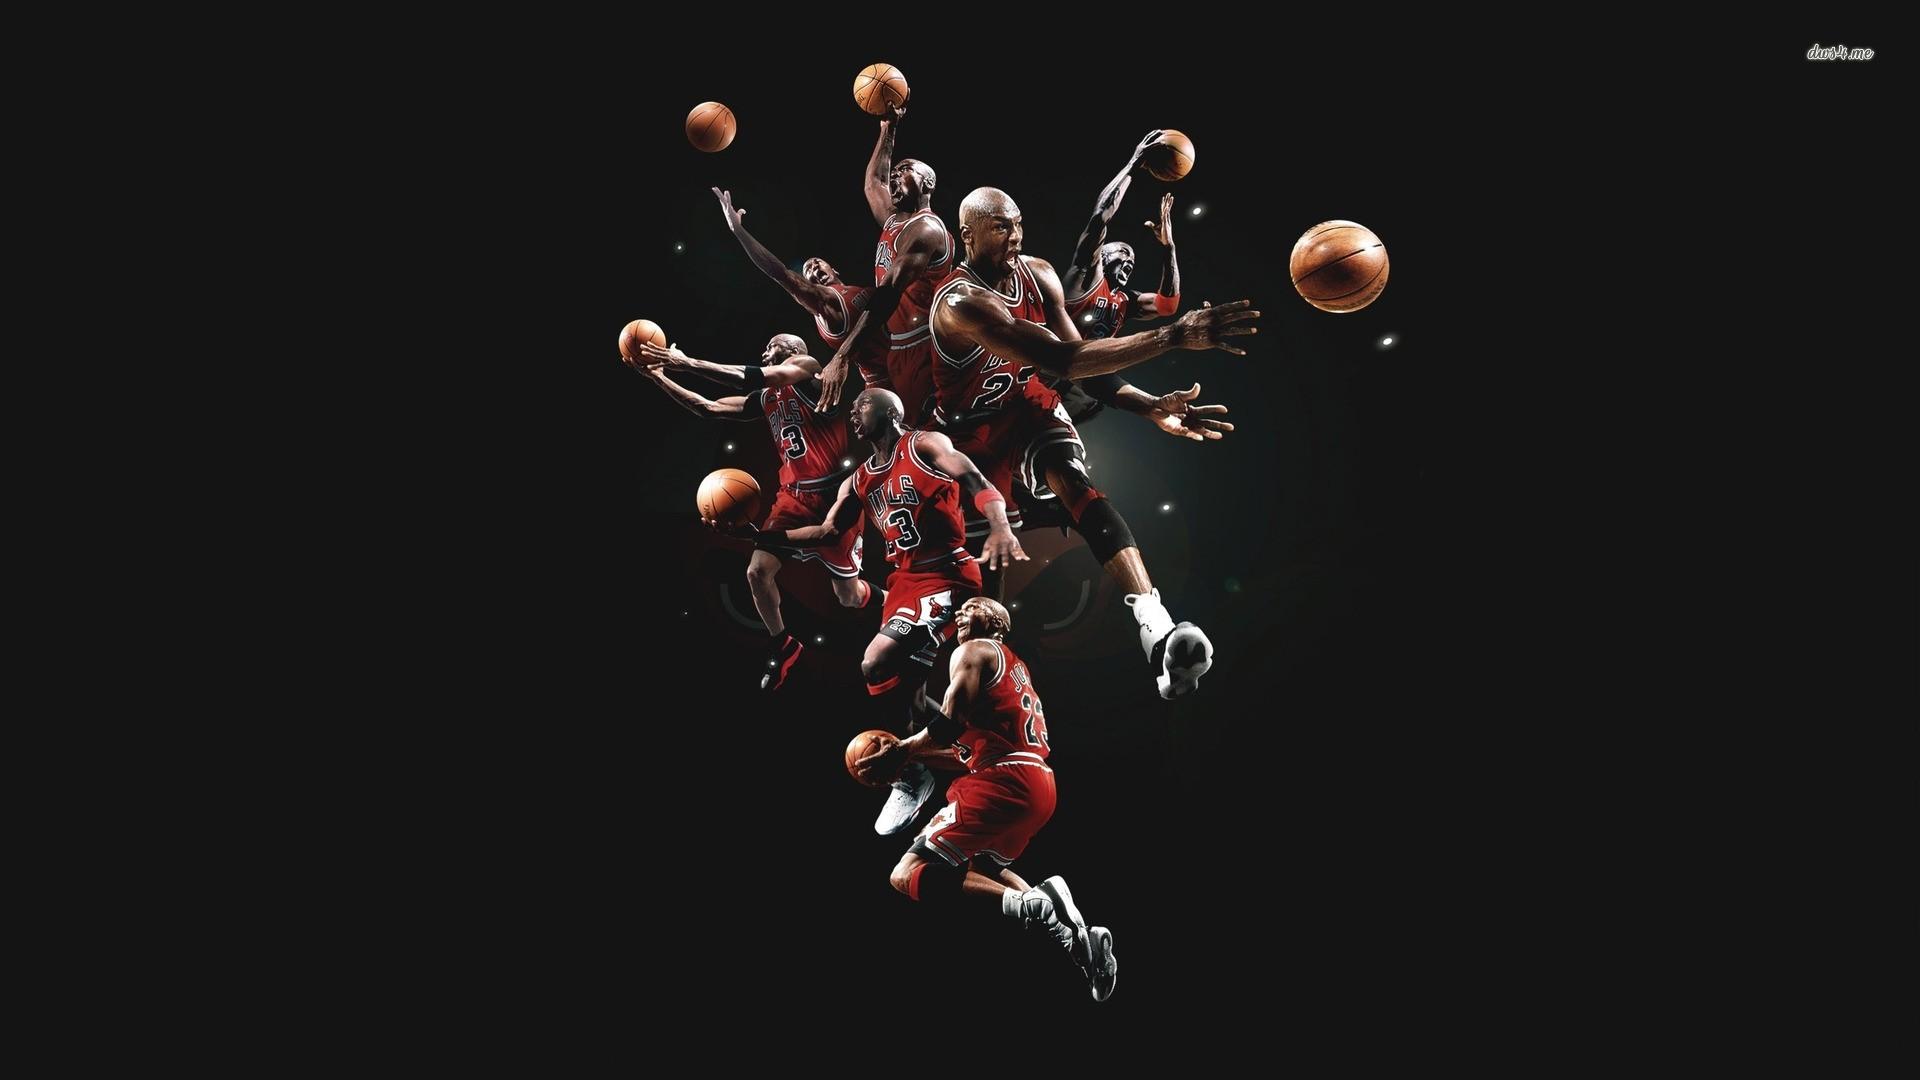 デスクトップ壁紙 バスケットボール シカゴ ブルズ マイケル